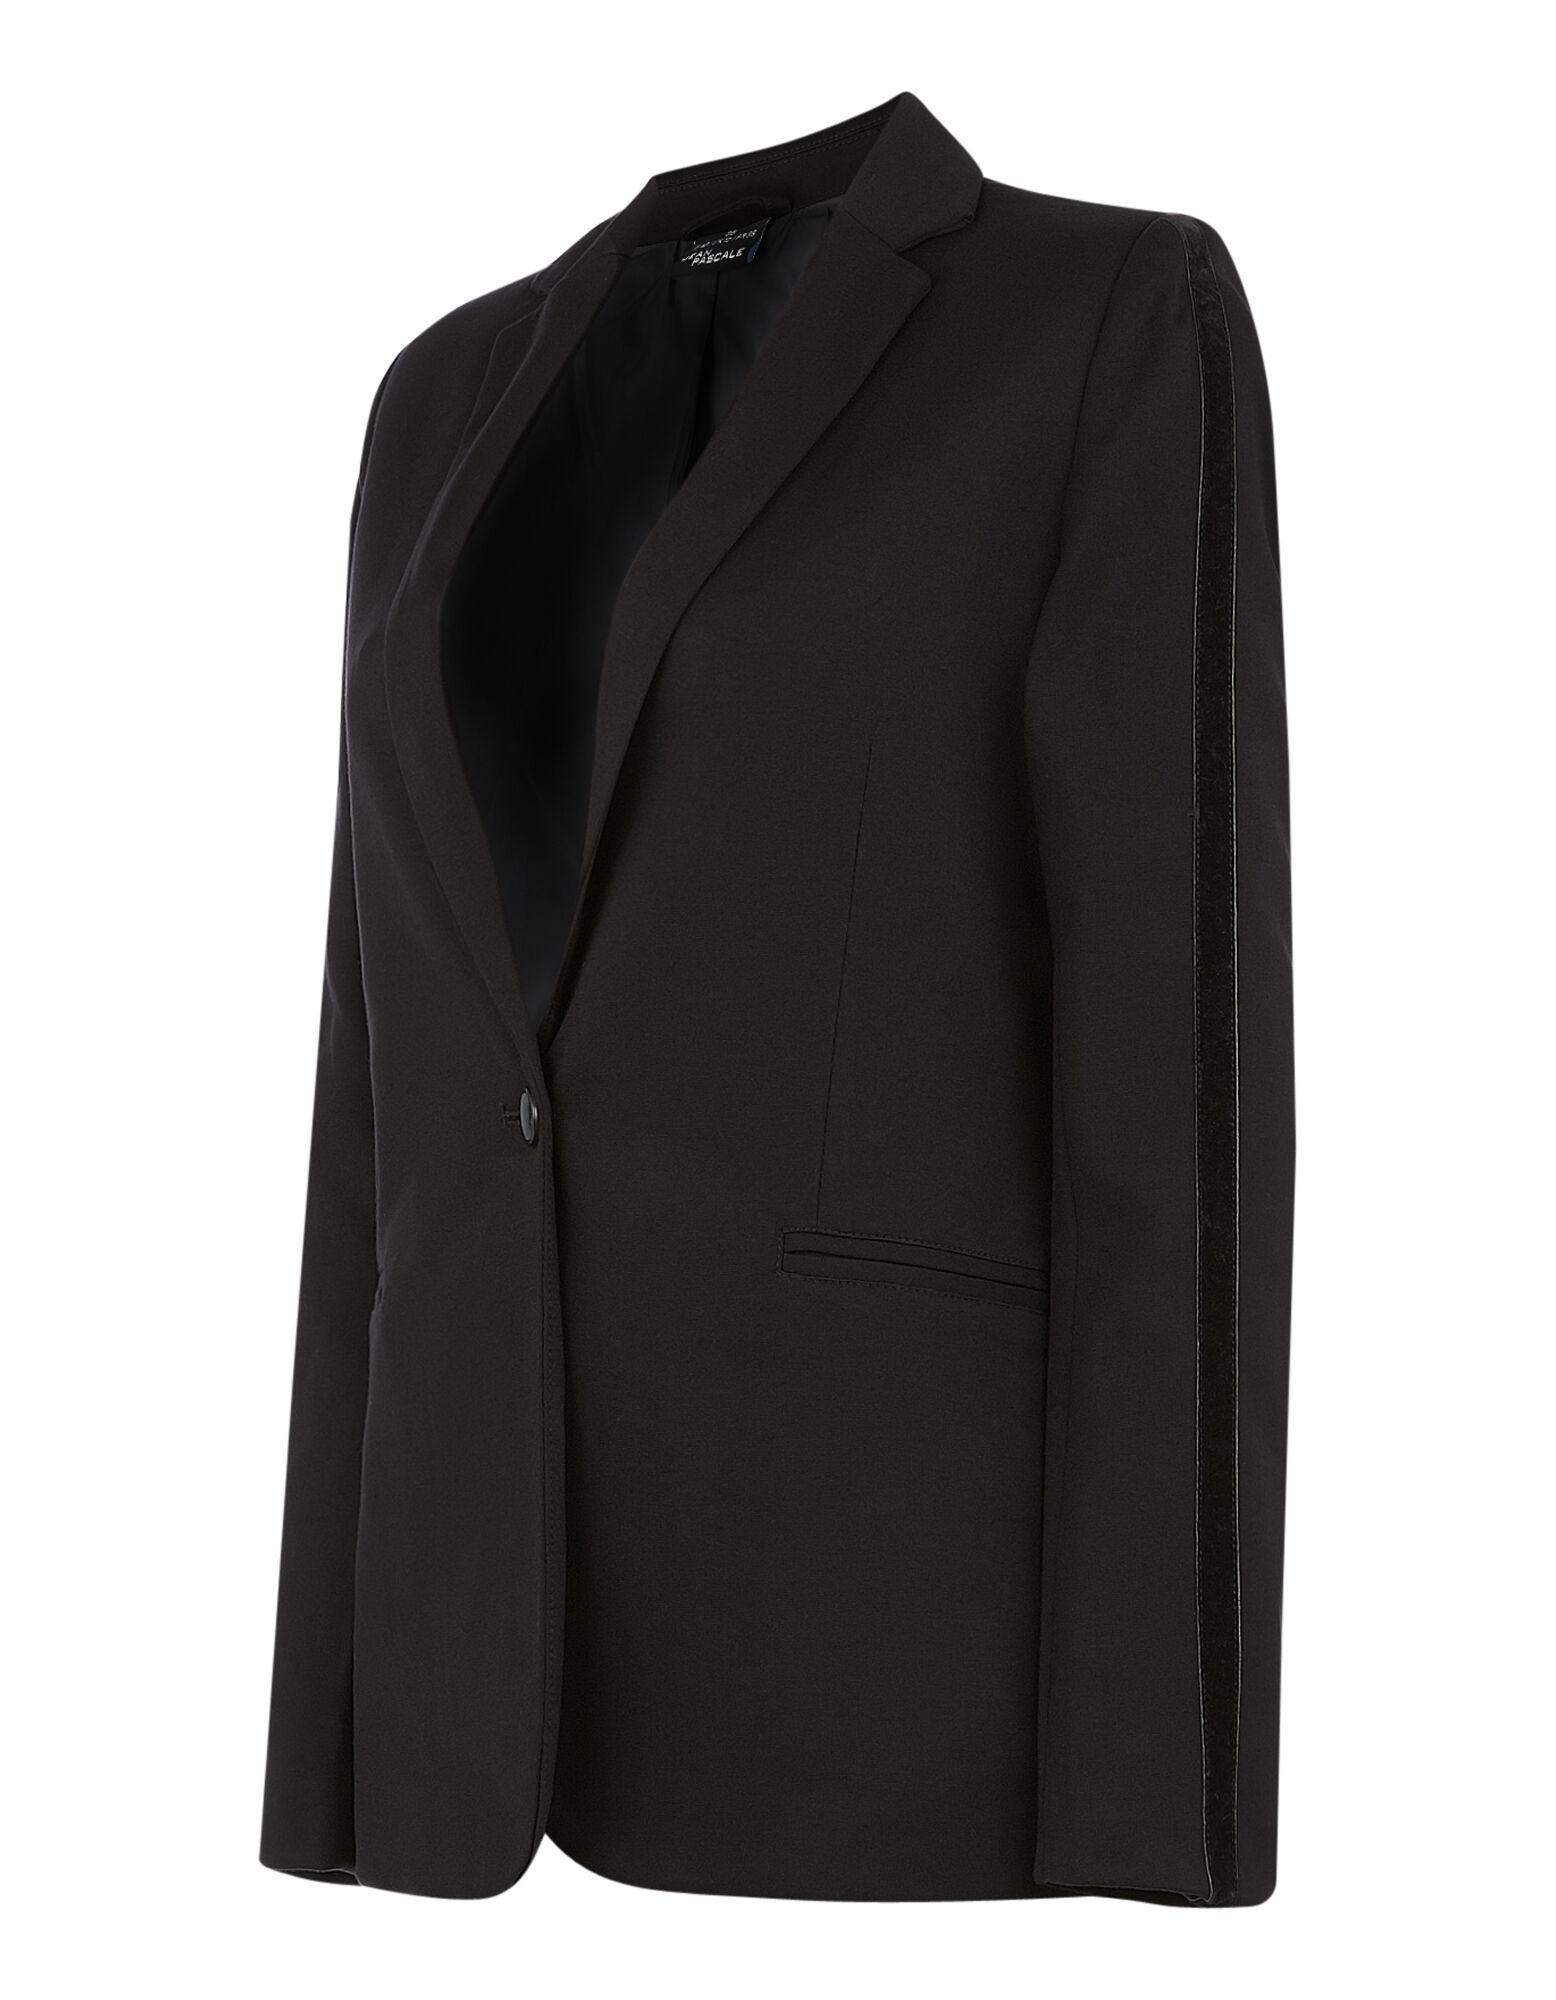 Damen Jacken günstig online kaufen✓ Takko Fashion